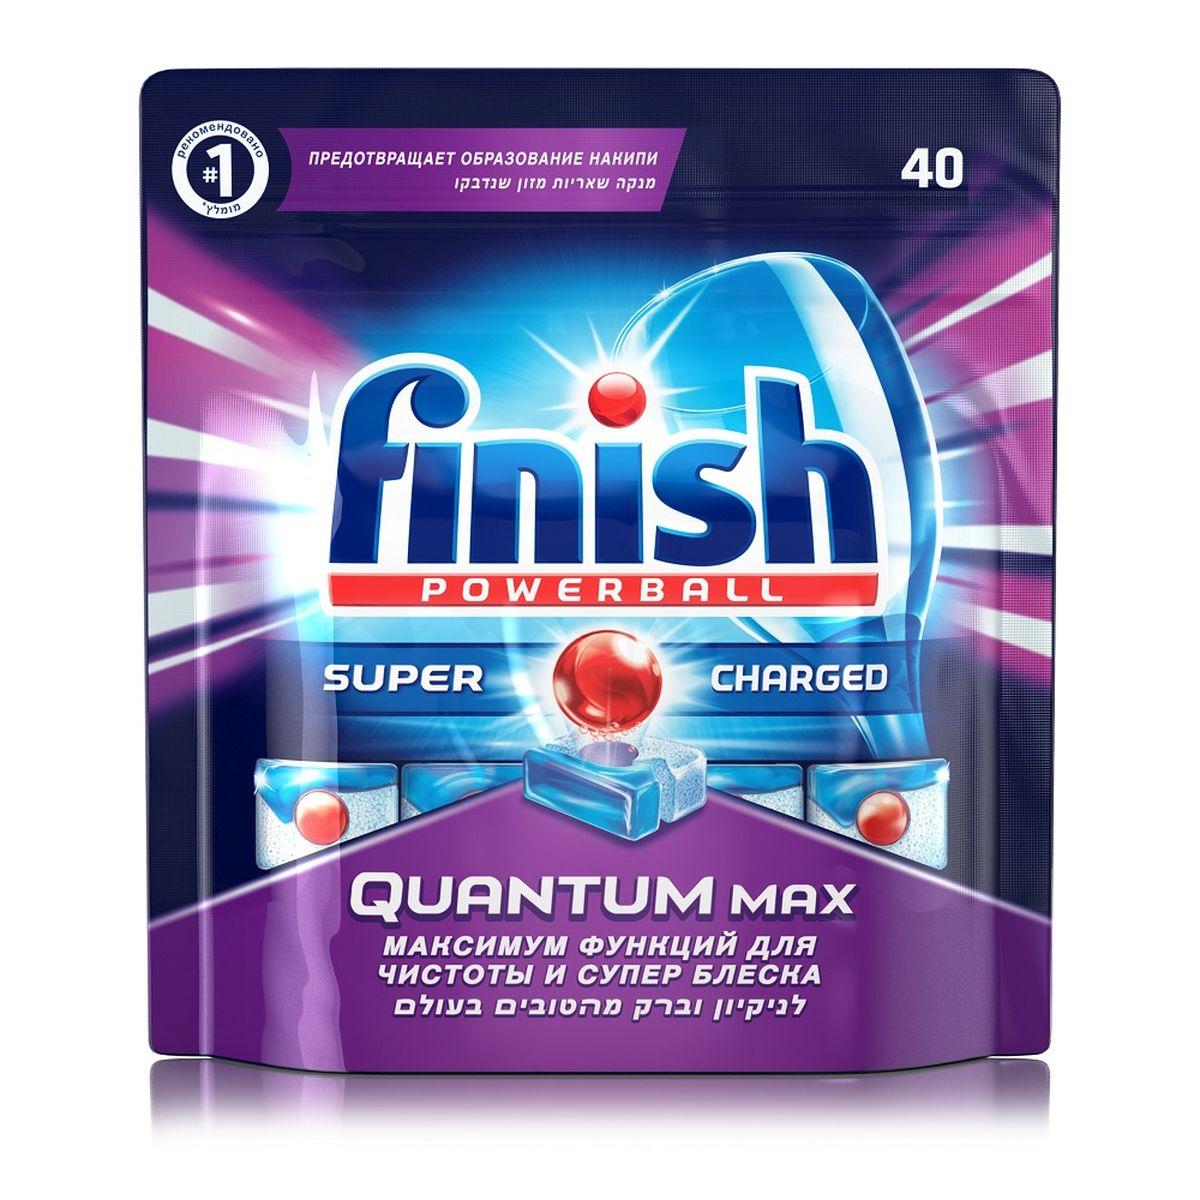 Finish Quantum Блеск и Защита, 40 таблеток269033Новый Finish Quantum Блеск и Защита - это удобные таблетки для посудомоечной машины, которые оказывают тройное действие против жира и грязи, а также придают исключительный блеск и защищают стеклянную посуду от коррозии.Товар сертифицирован.